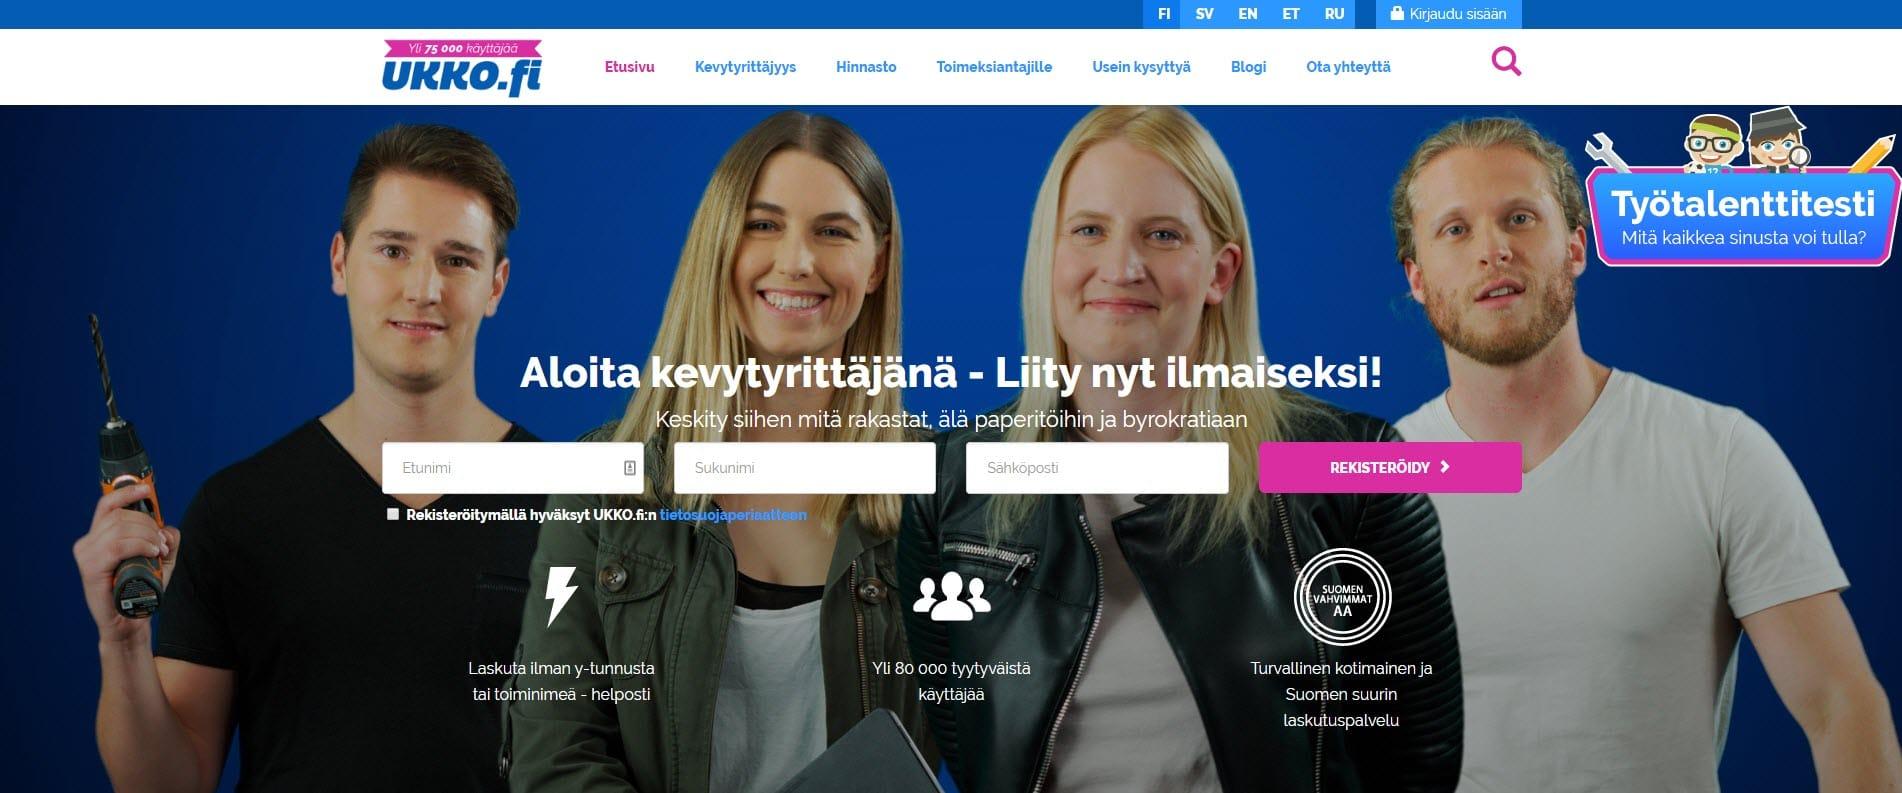 Kokemuksia Ukko.fi-palvelusta – kenelle se sopii?